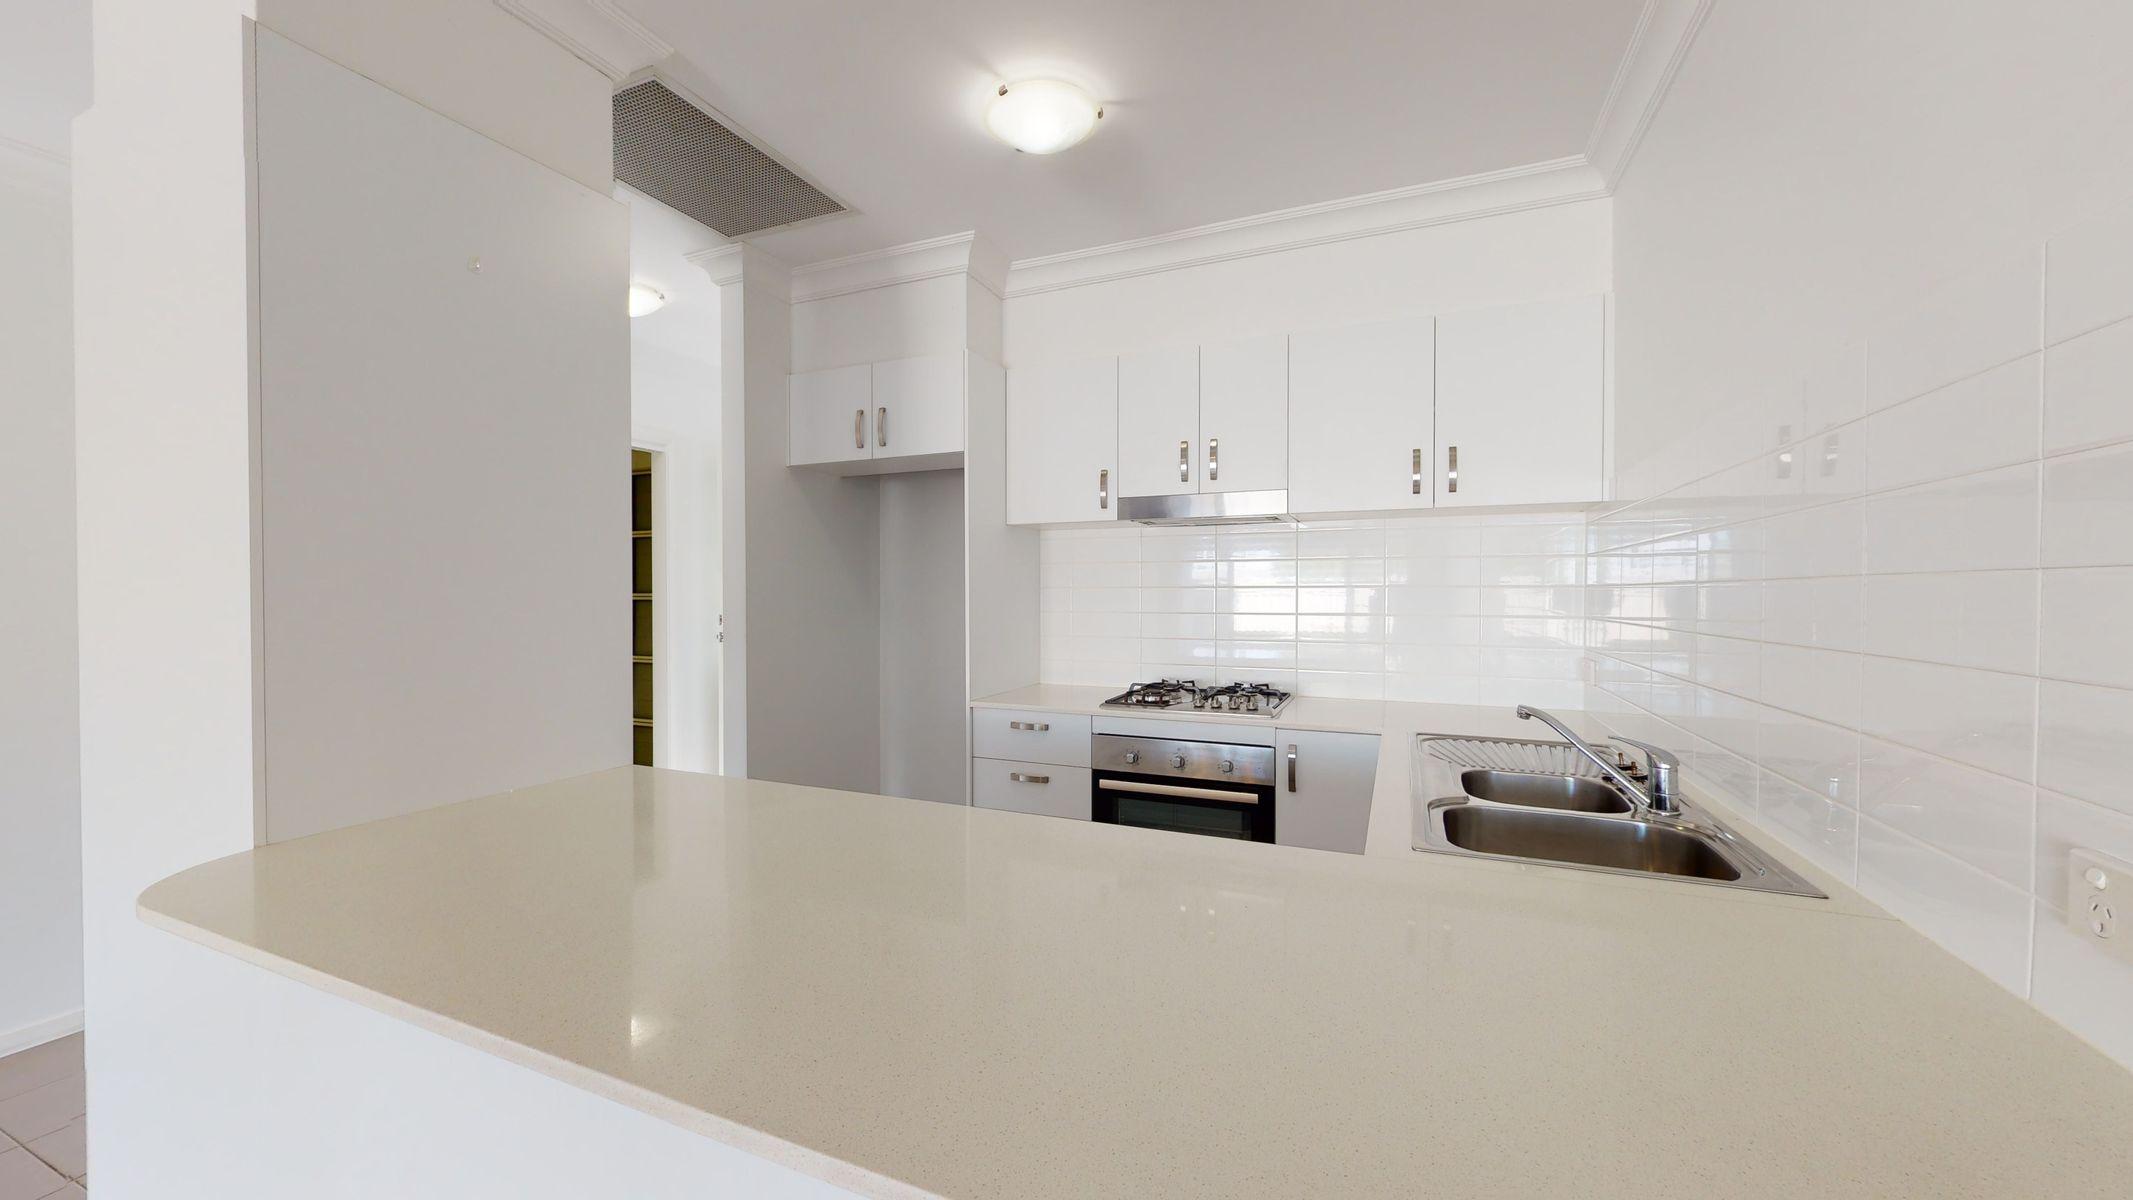 41/115 Christo Road, Waratah, NSW 2298